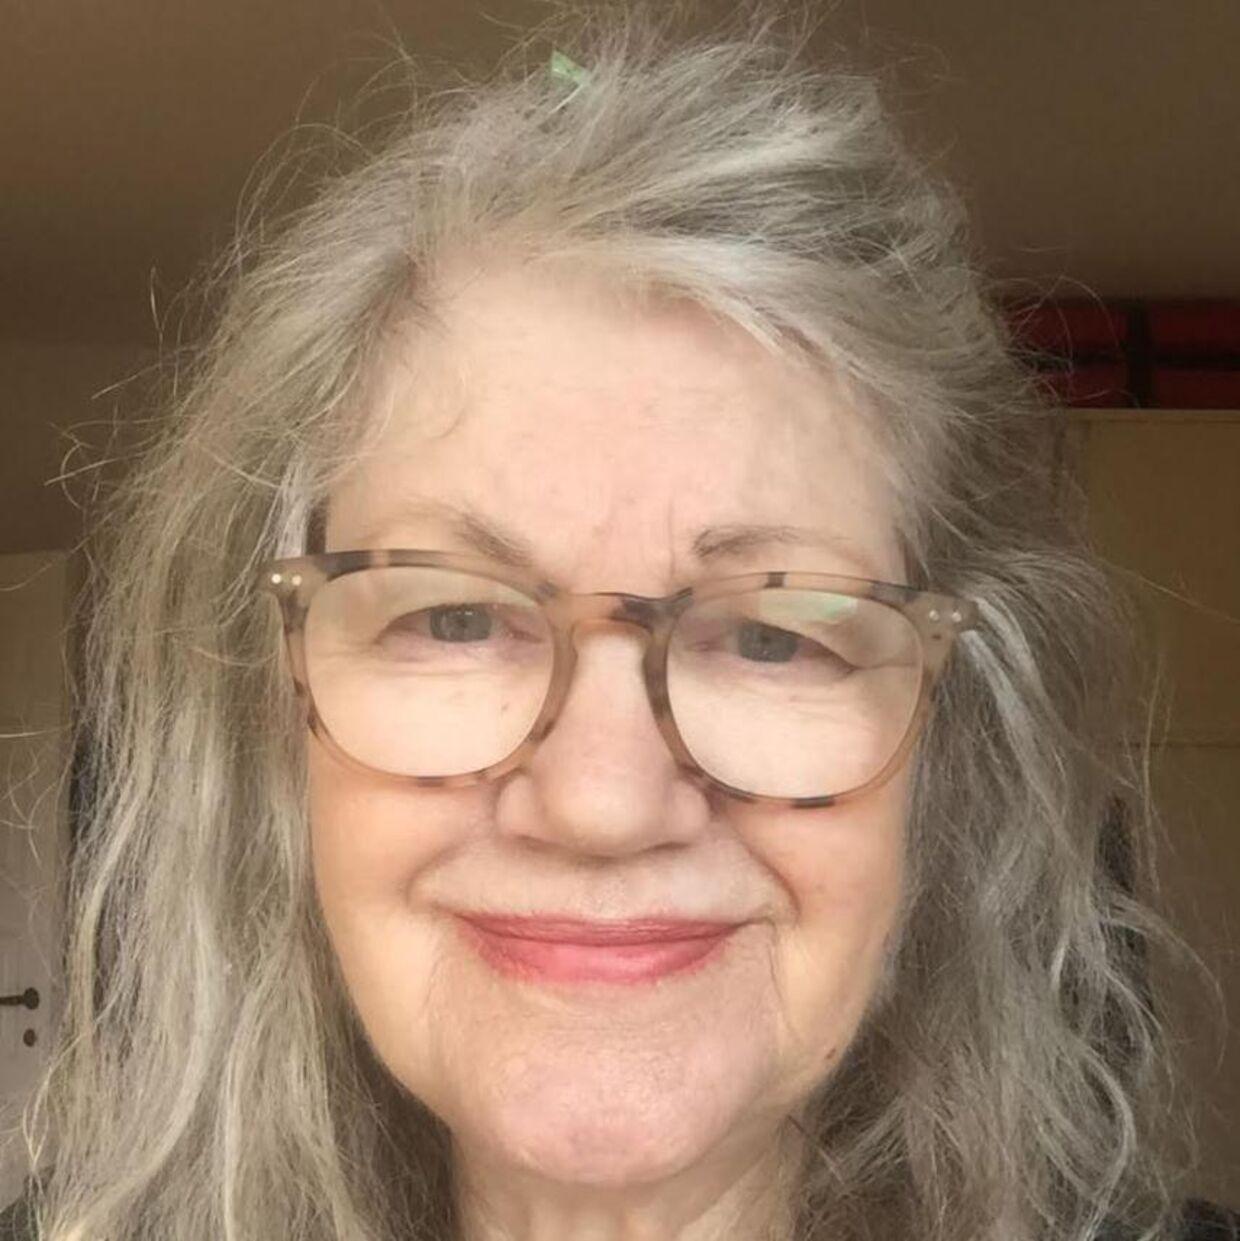 Lene Santora arbejdede fra 1978 til 1989 i USA som tøjdesigner. I dag er hun 76 år og tilbringer sin pensionisttilværesle på Frederiksberg.